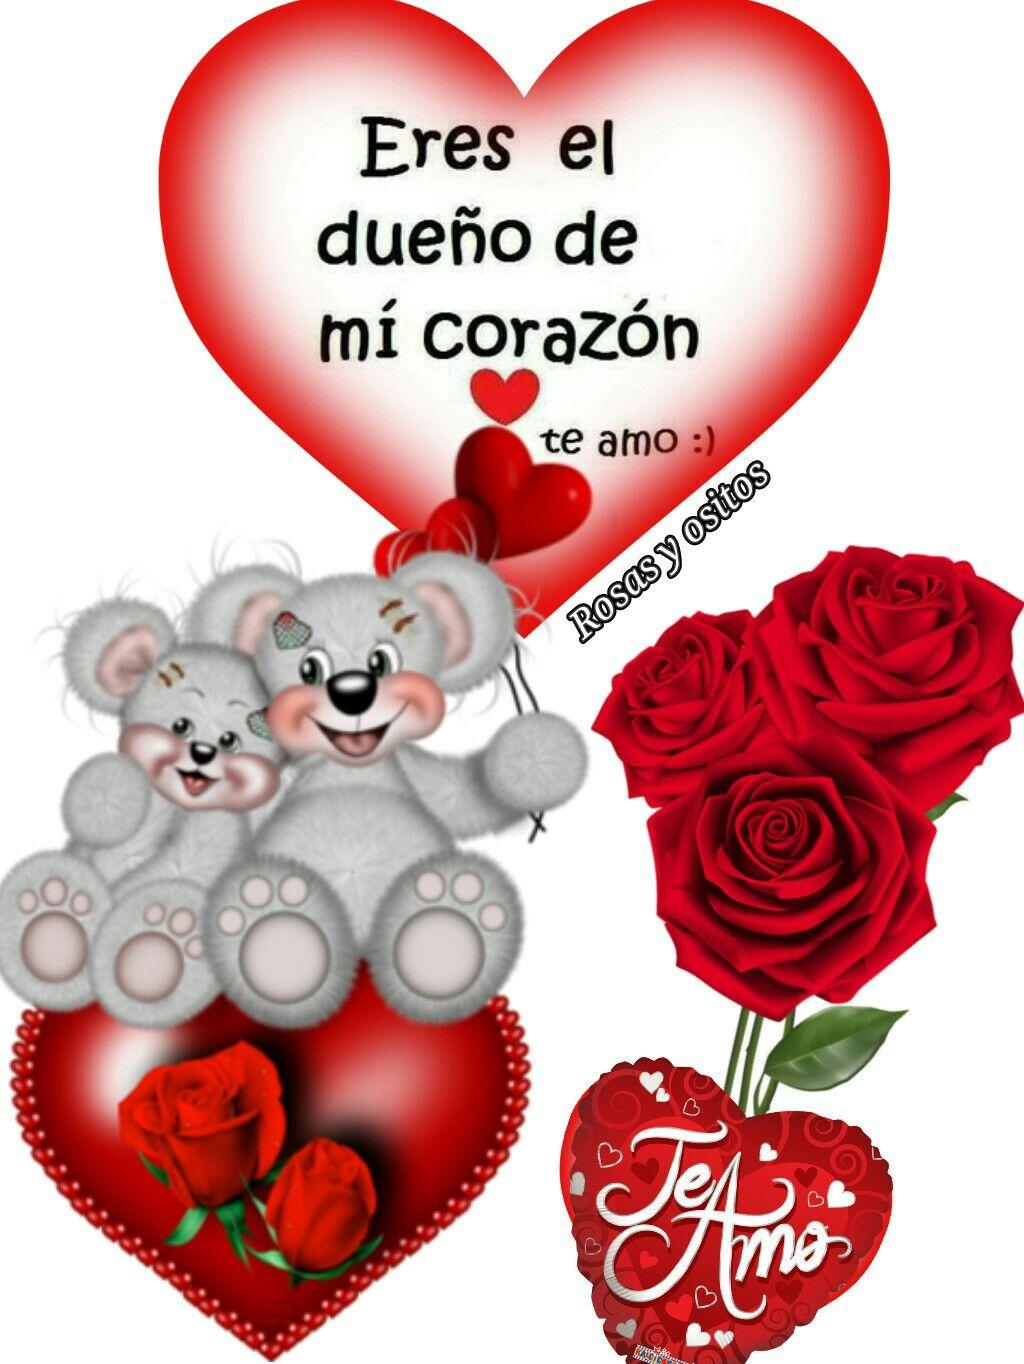 Poemas De Amor Osos Rosas Y Corazones Pin De Jou Carmen Teixido Ulldemolins En Rick 3 Jou 3 Frases De